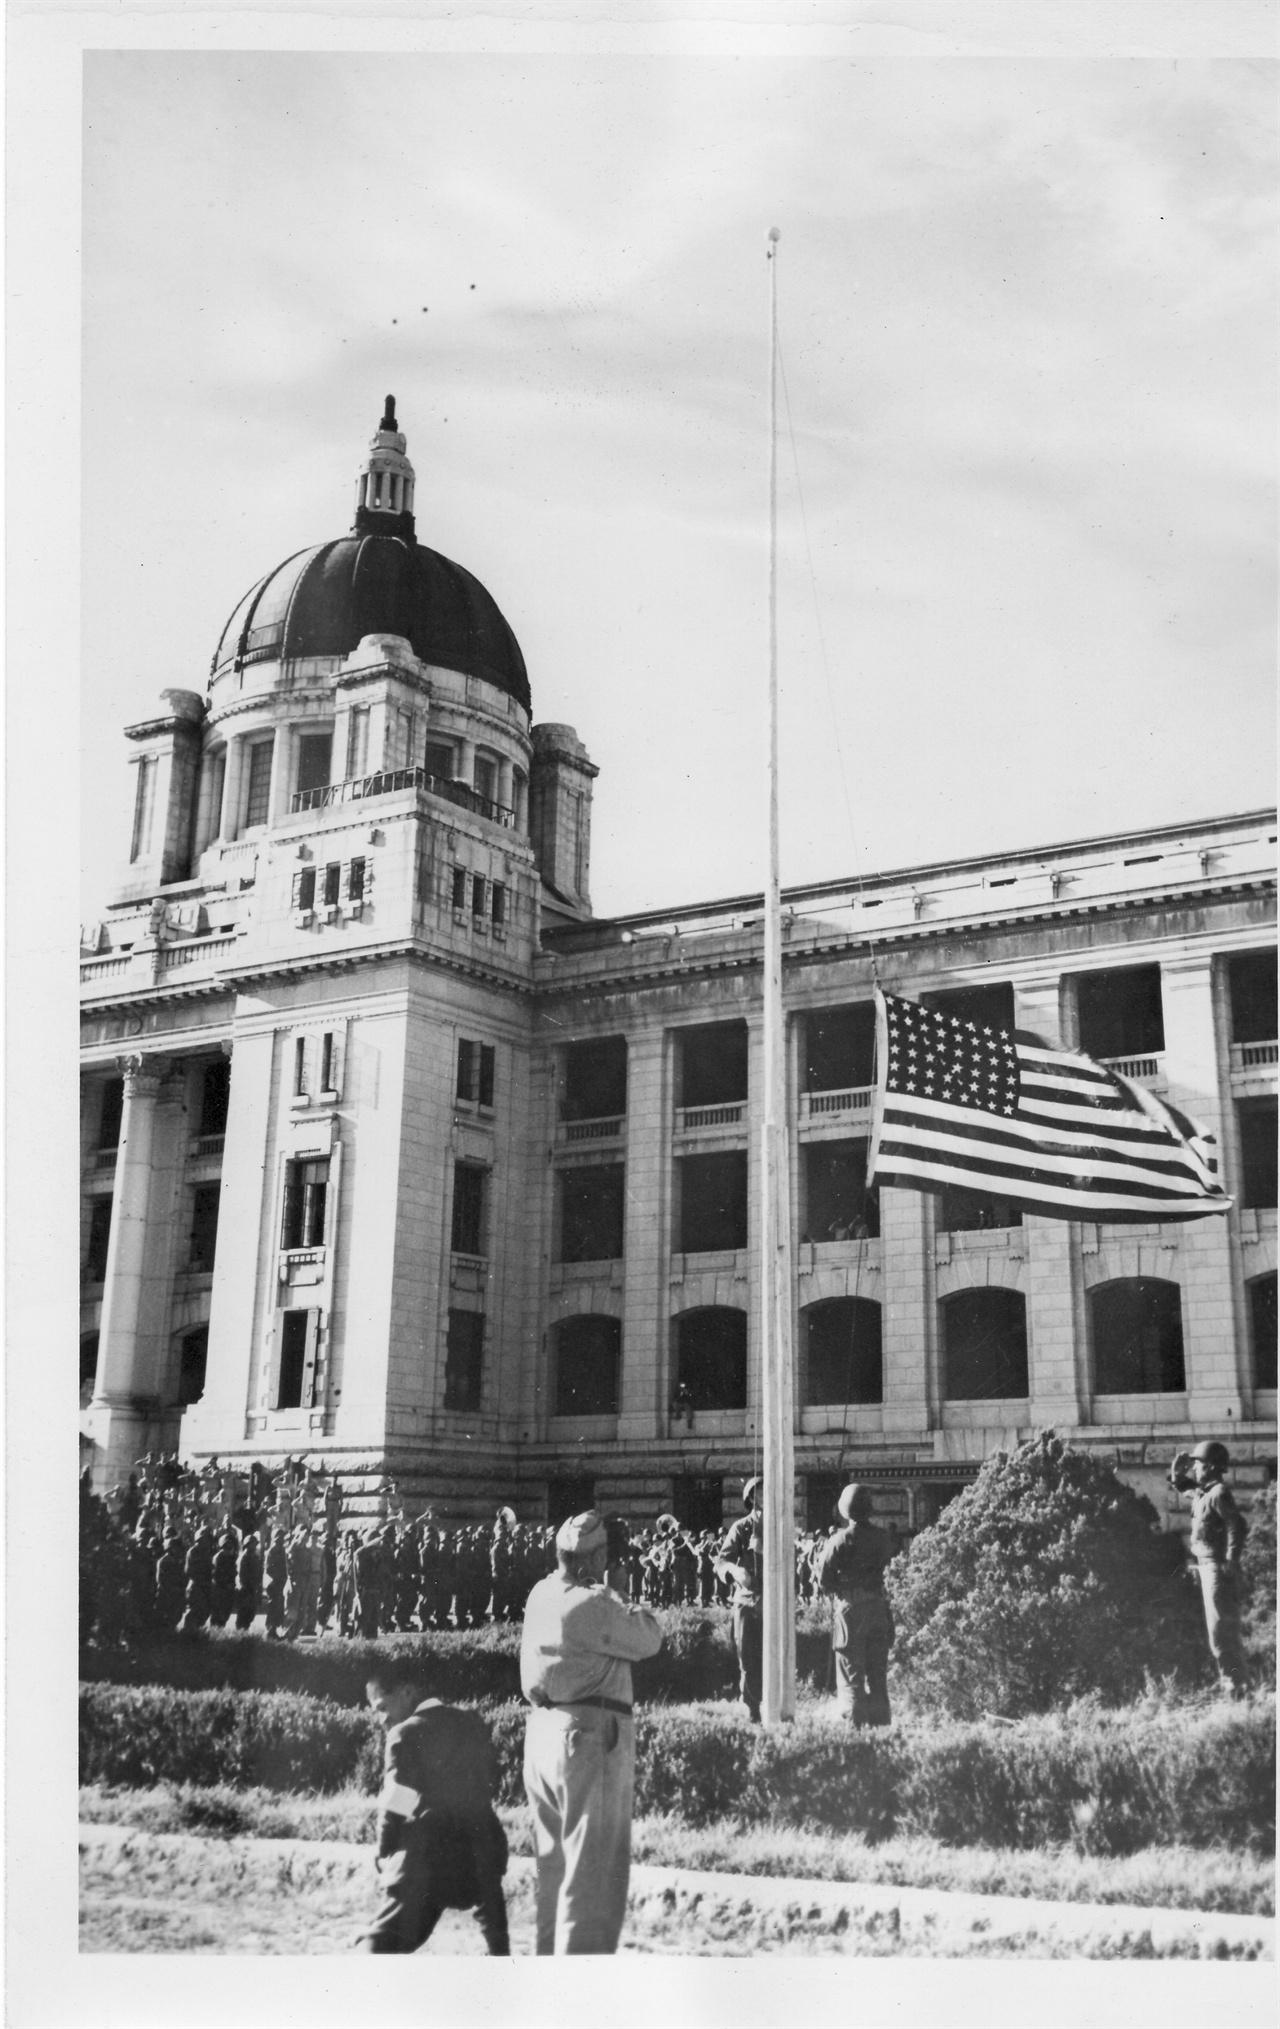 1945. 9. 9. 오후 4시 무렵, 미군 병사가 조선총독부 국기게양대에서 끌어내린 일장기 대신에 미 성조기를 게양하고 있다. 이로써 그 시간부터 일제강점기가 끝나고 미 군정기로 접어들었다.